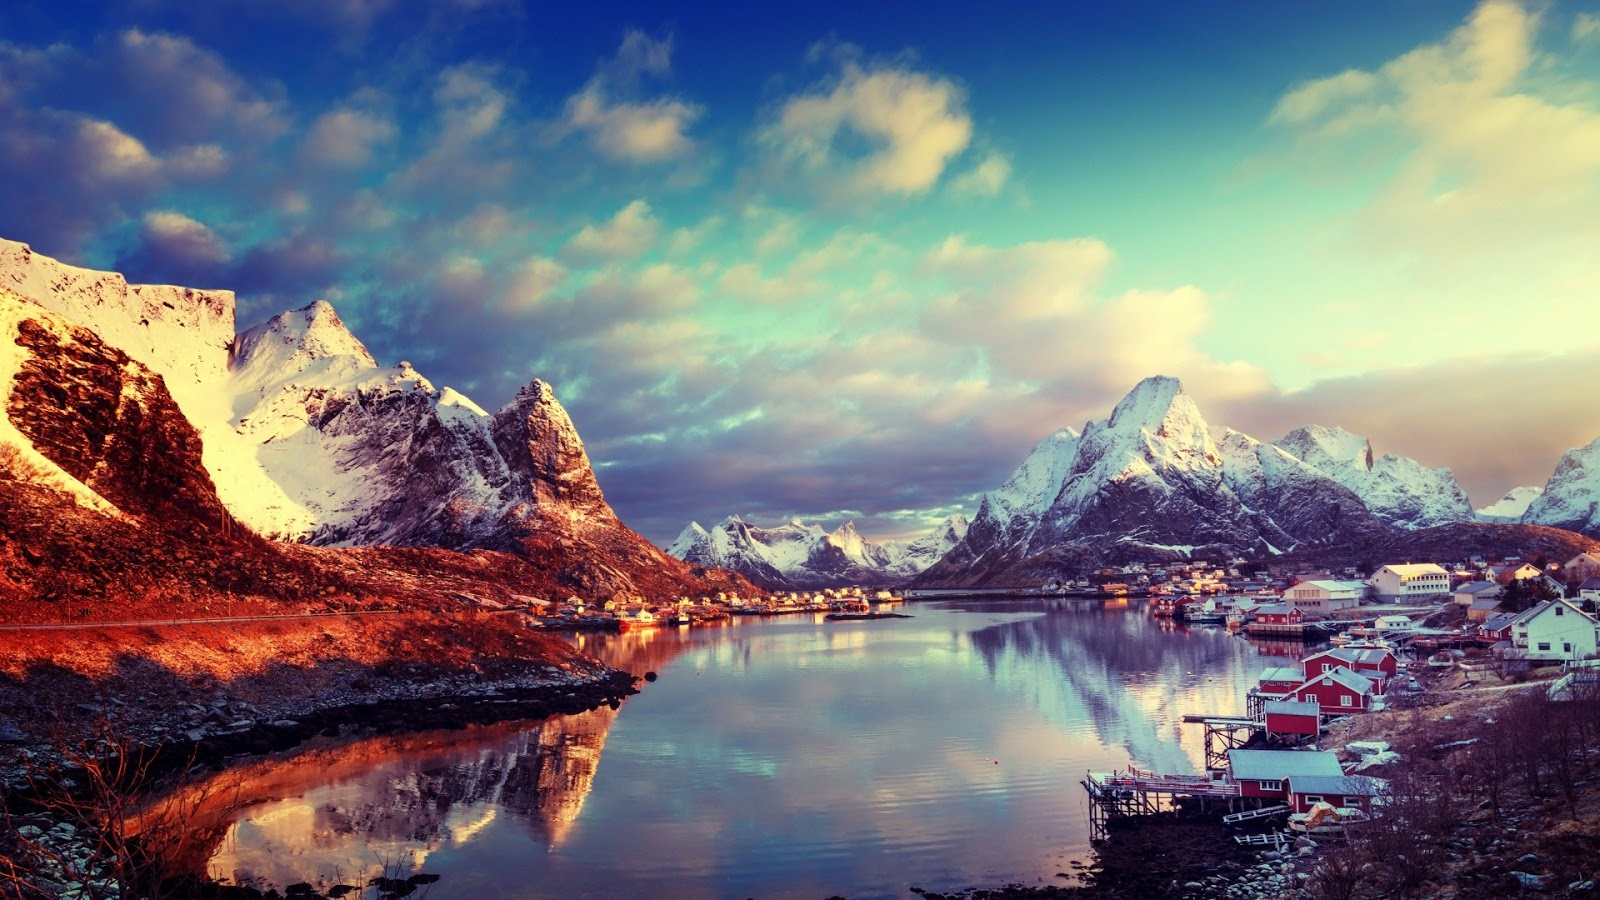 Lofoten Norway 1920 x 1080